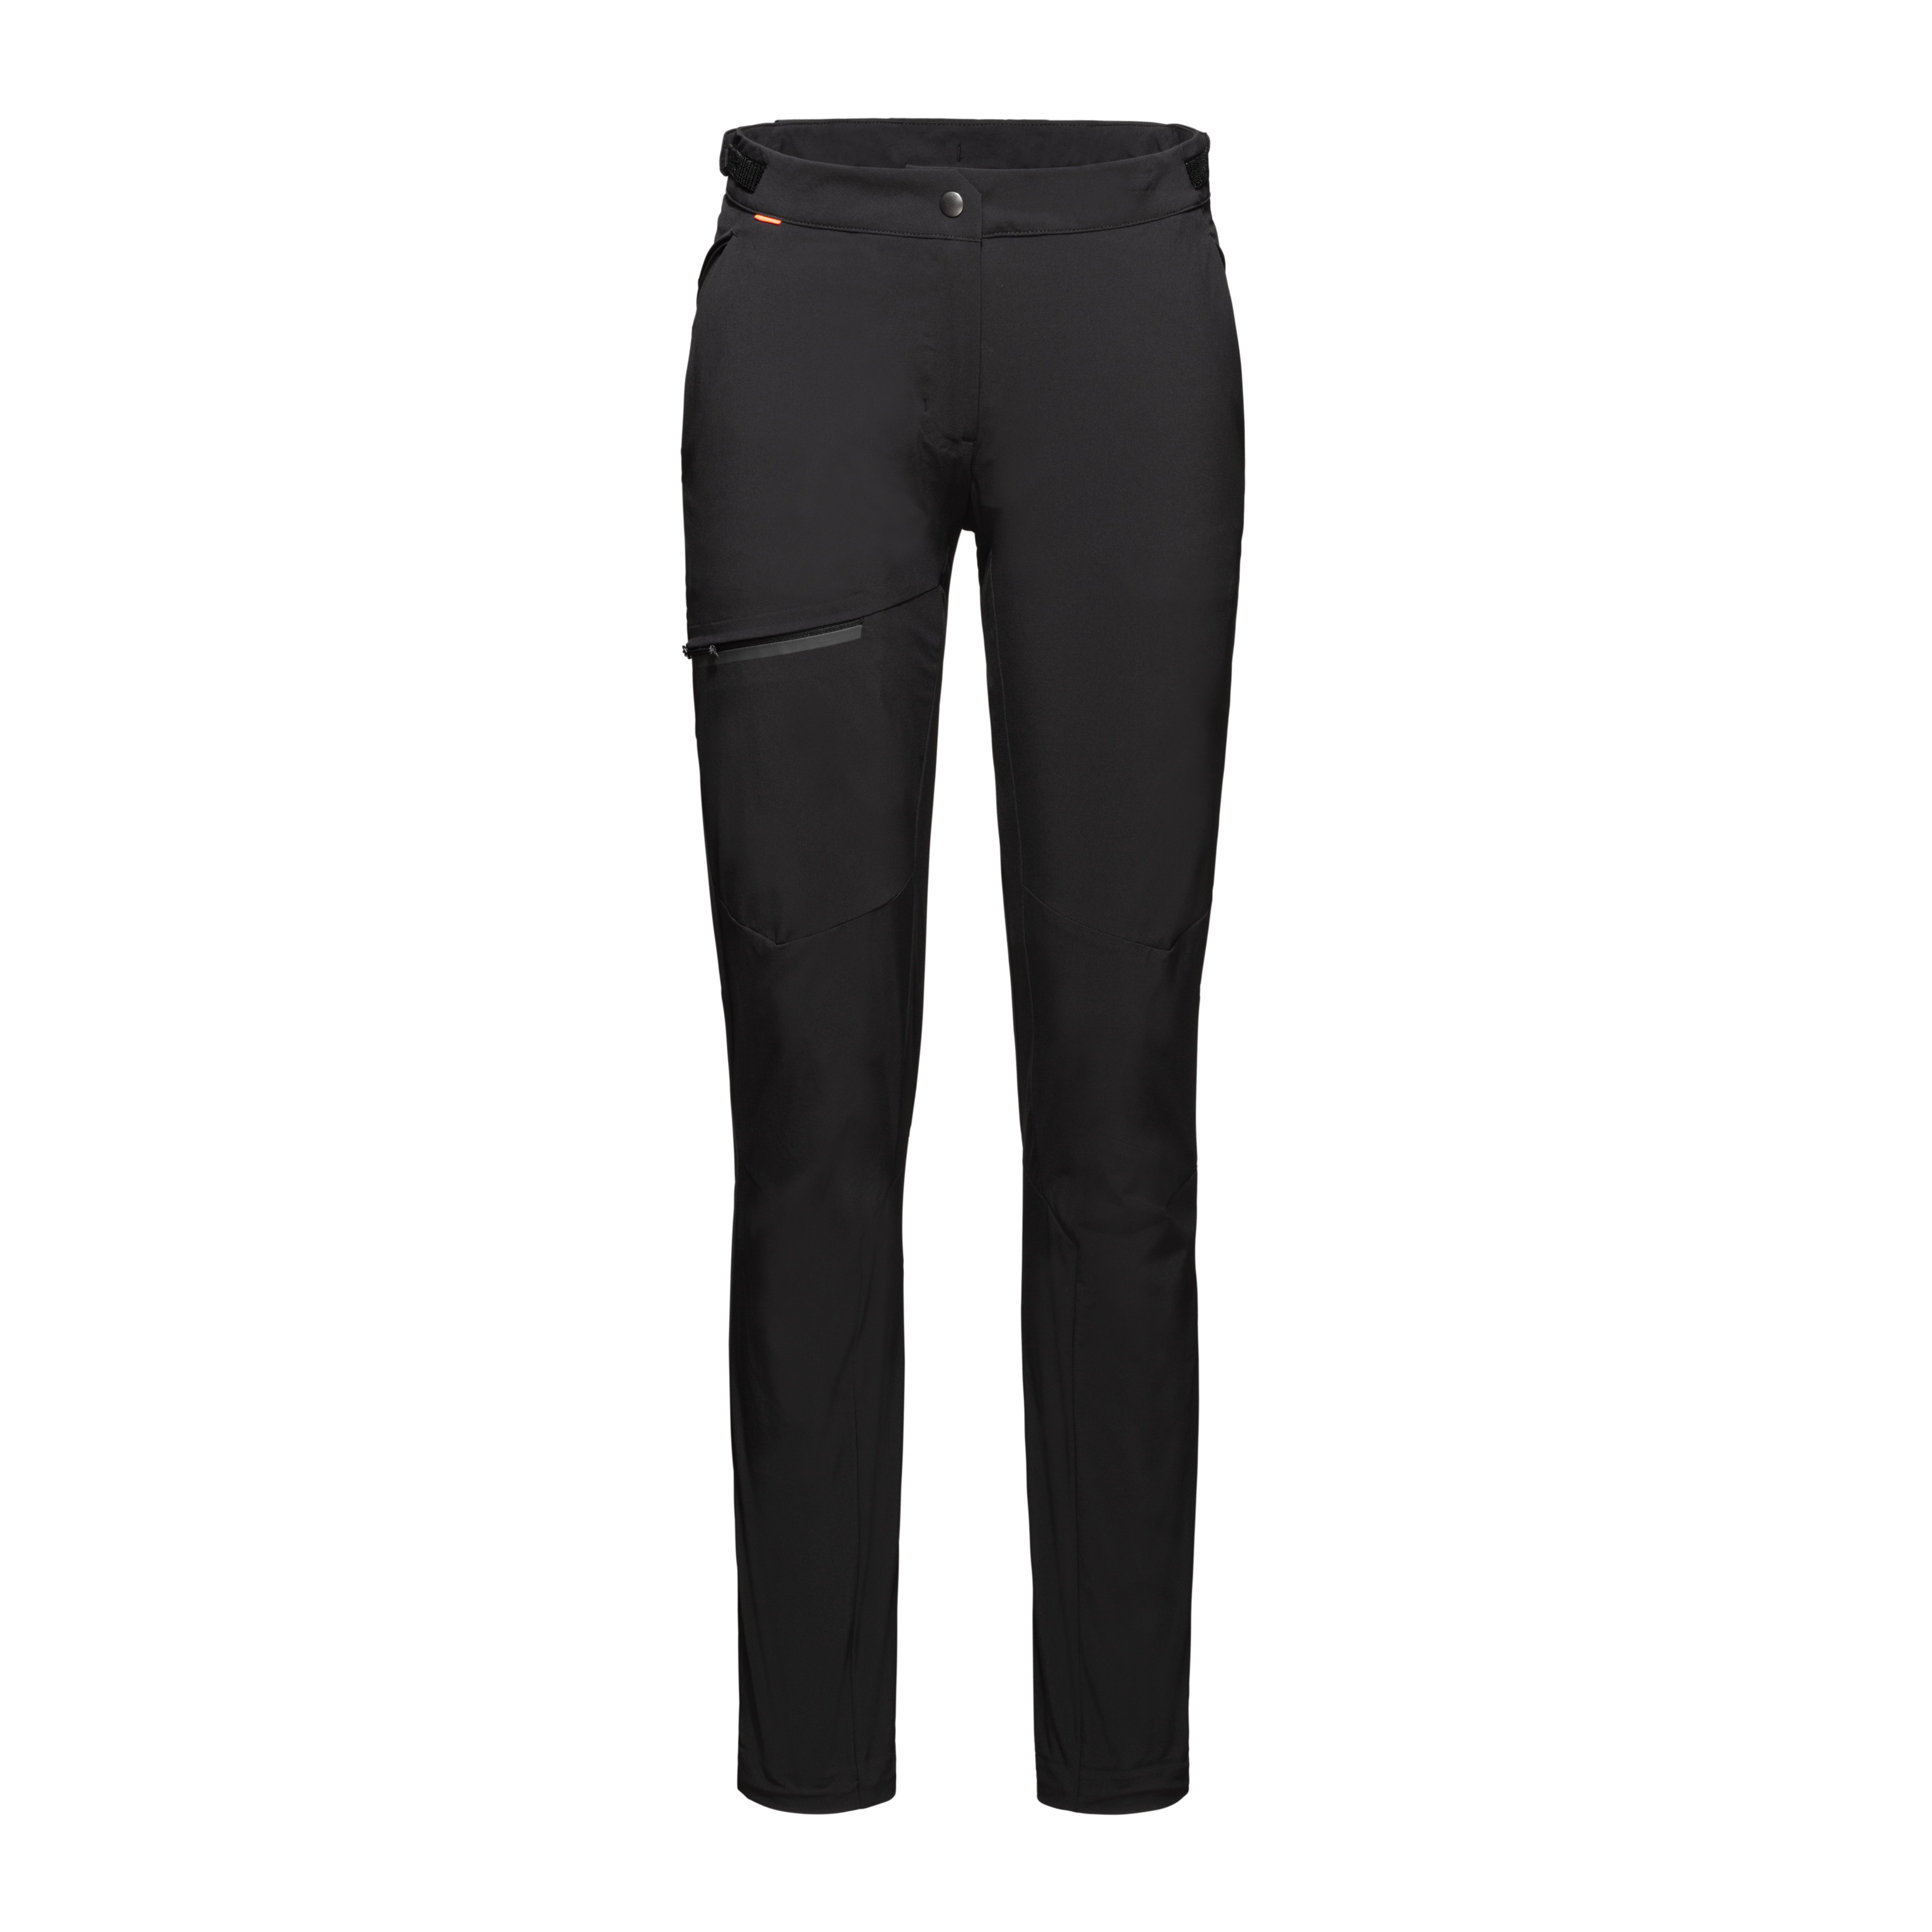 Ledge Pants Women - black, normal, UK 10 thumbnail